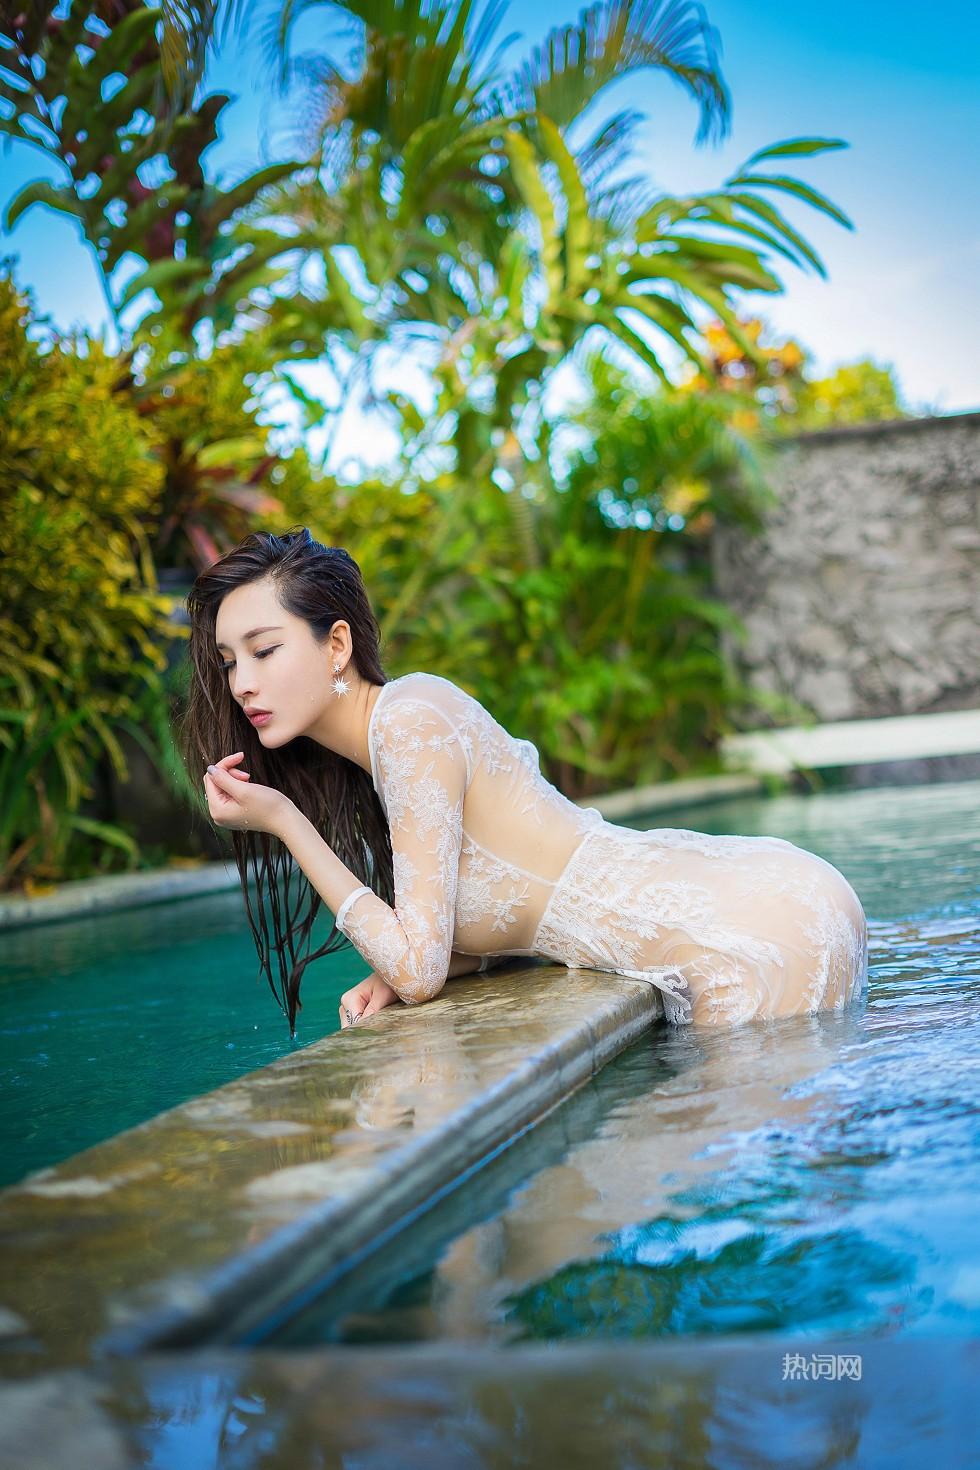 嫩模周妍希(土肥圆矮挫穷)巴厘岛旅拍 高清套图 第2张